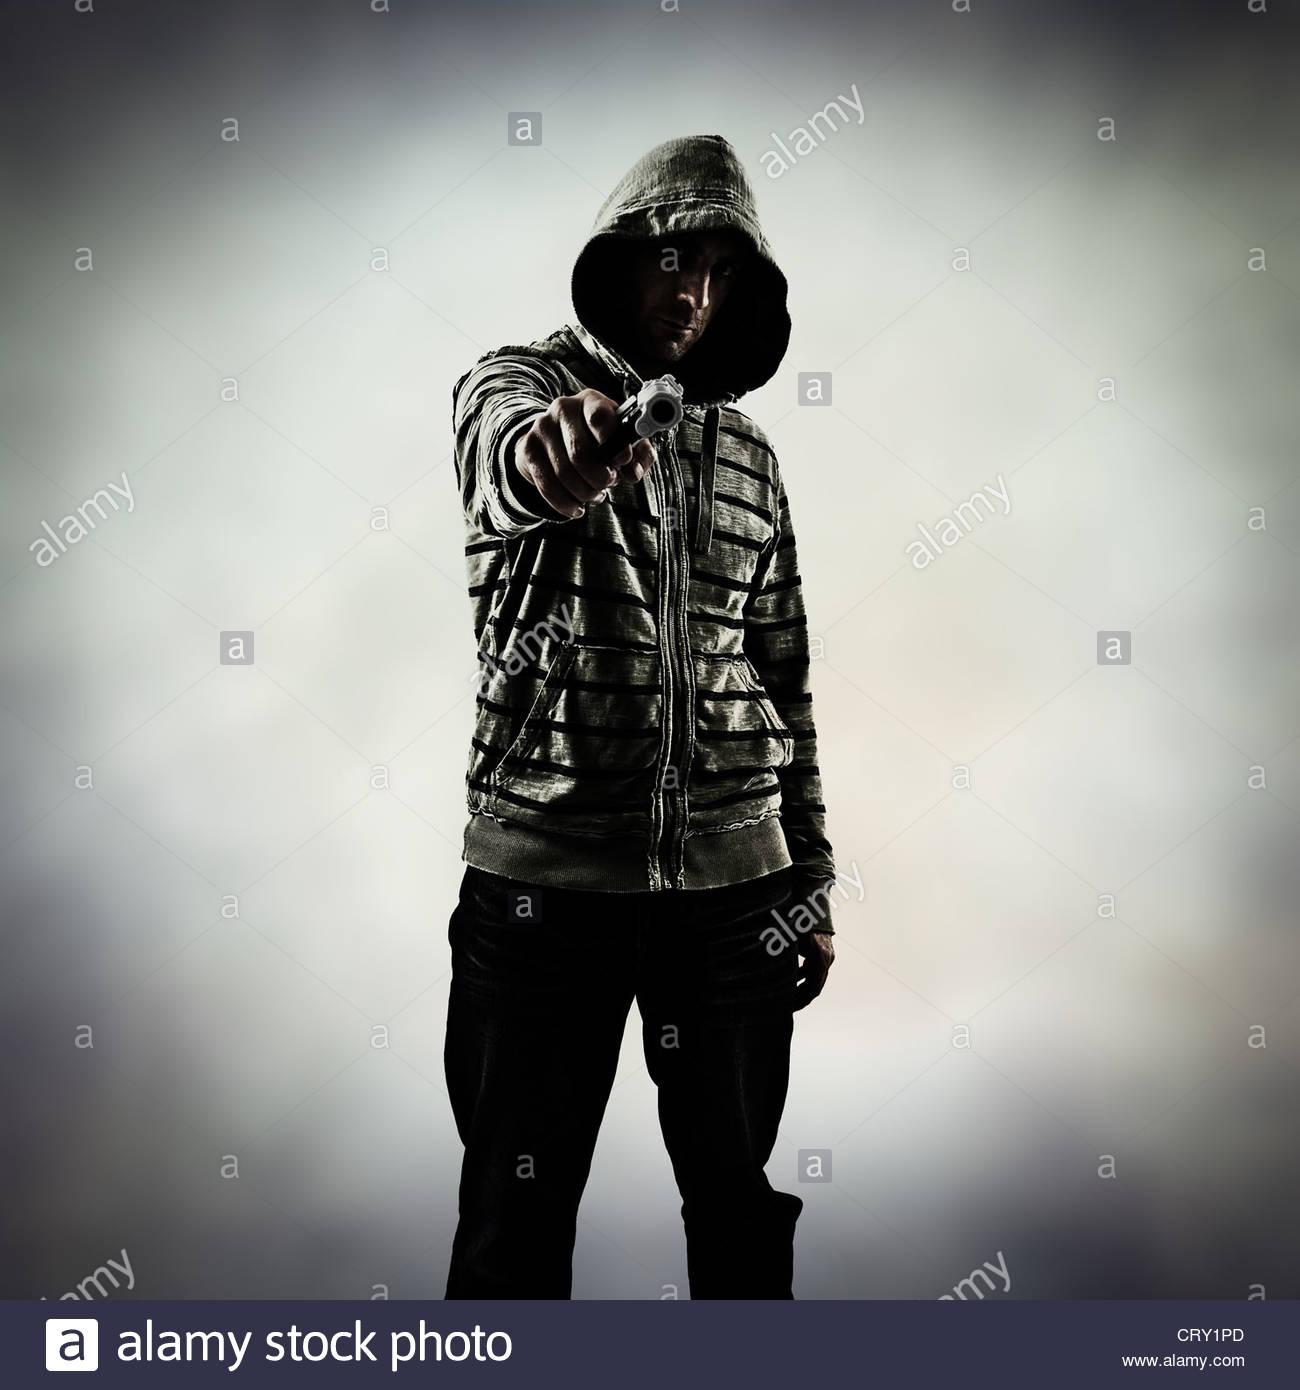 gang crime - Stock Image